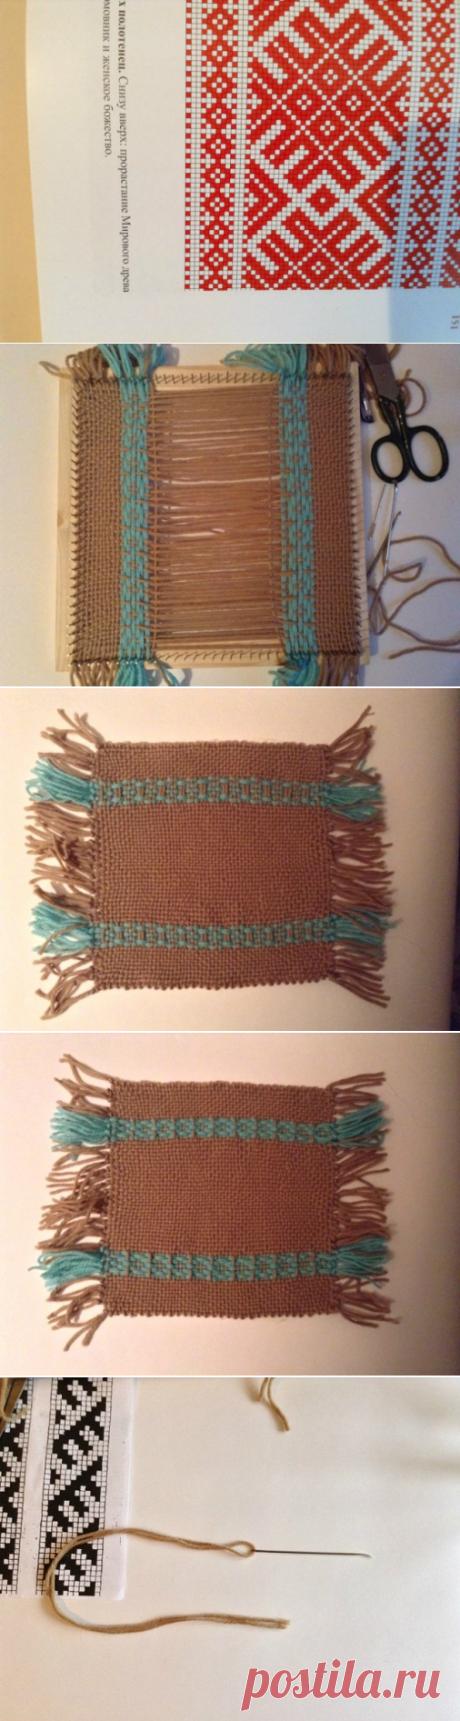 Ткачество на раме. Имитация браного ткачества - Магия ткачества